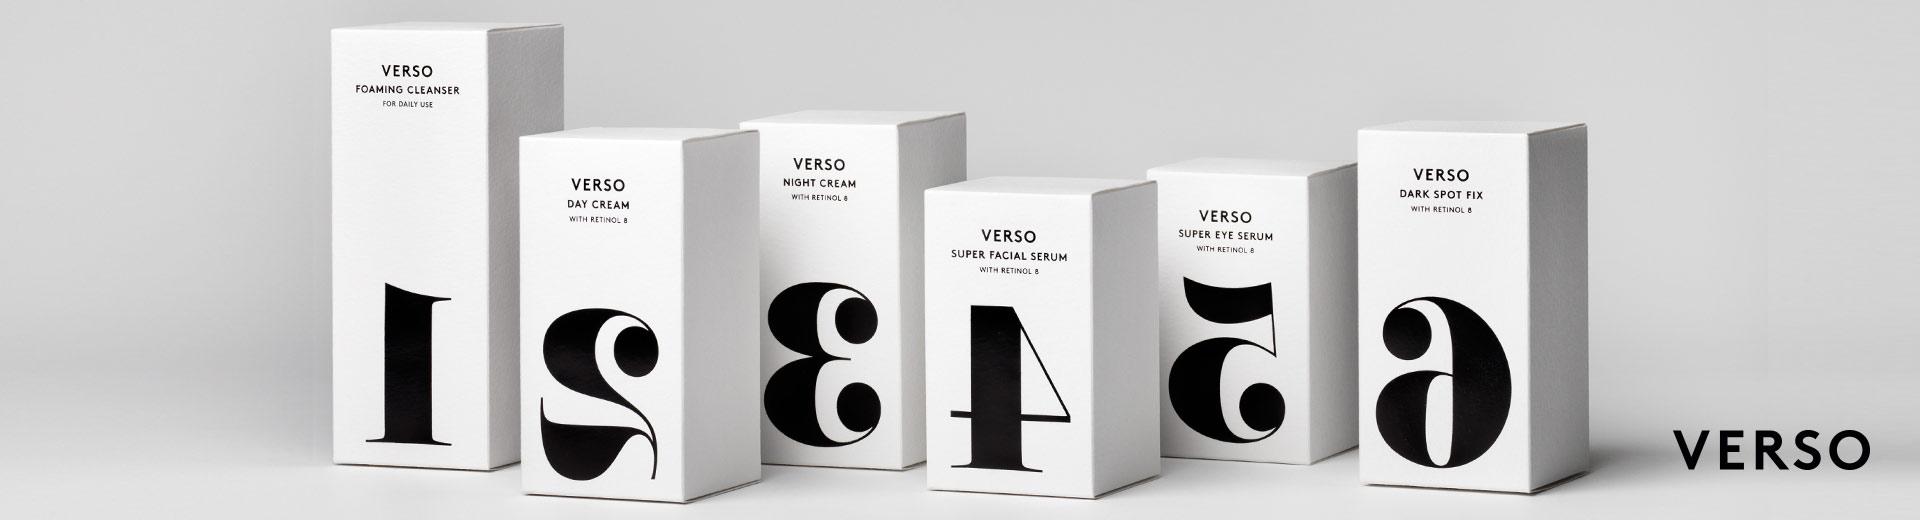 Verso Skincae